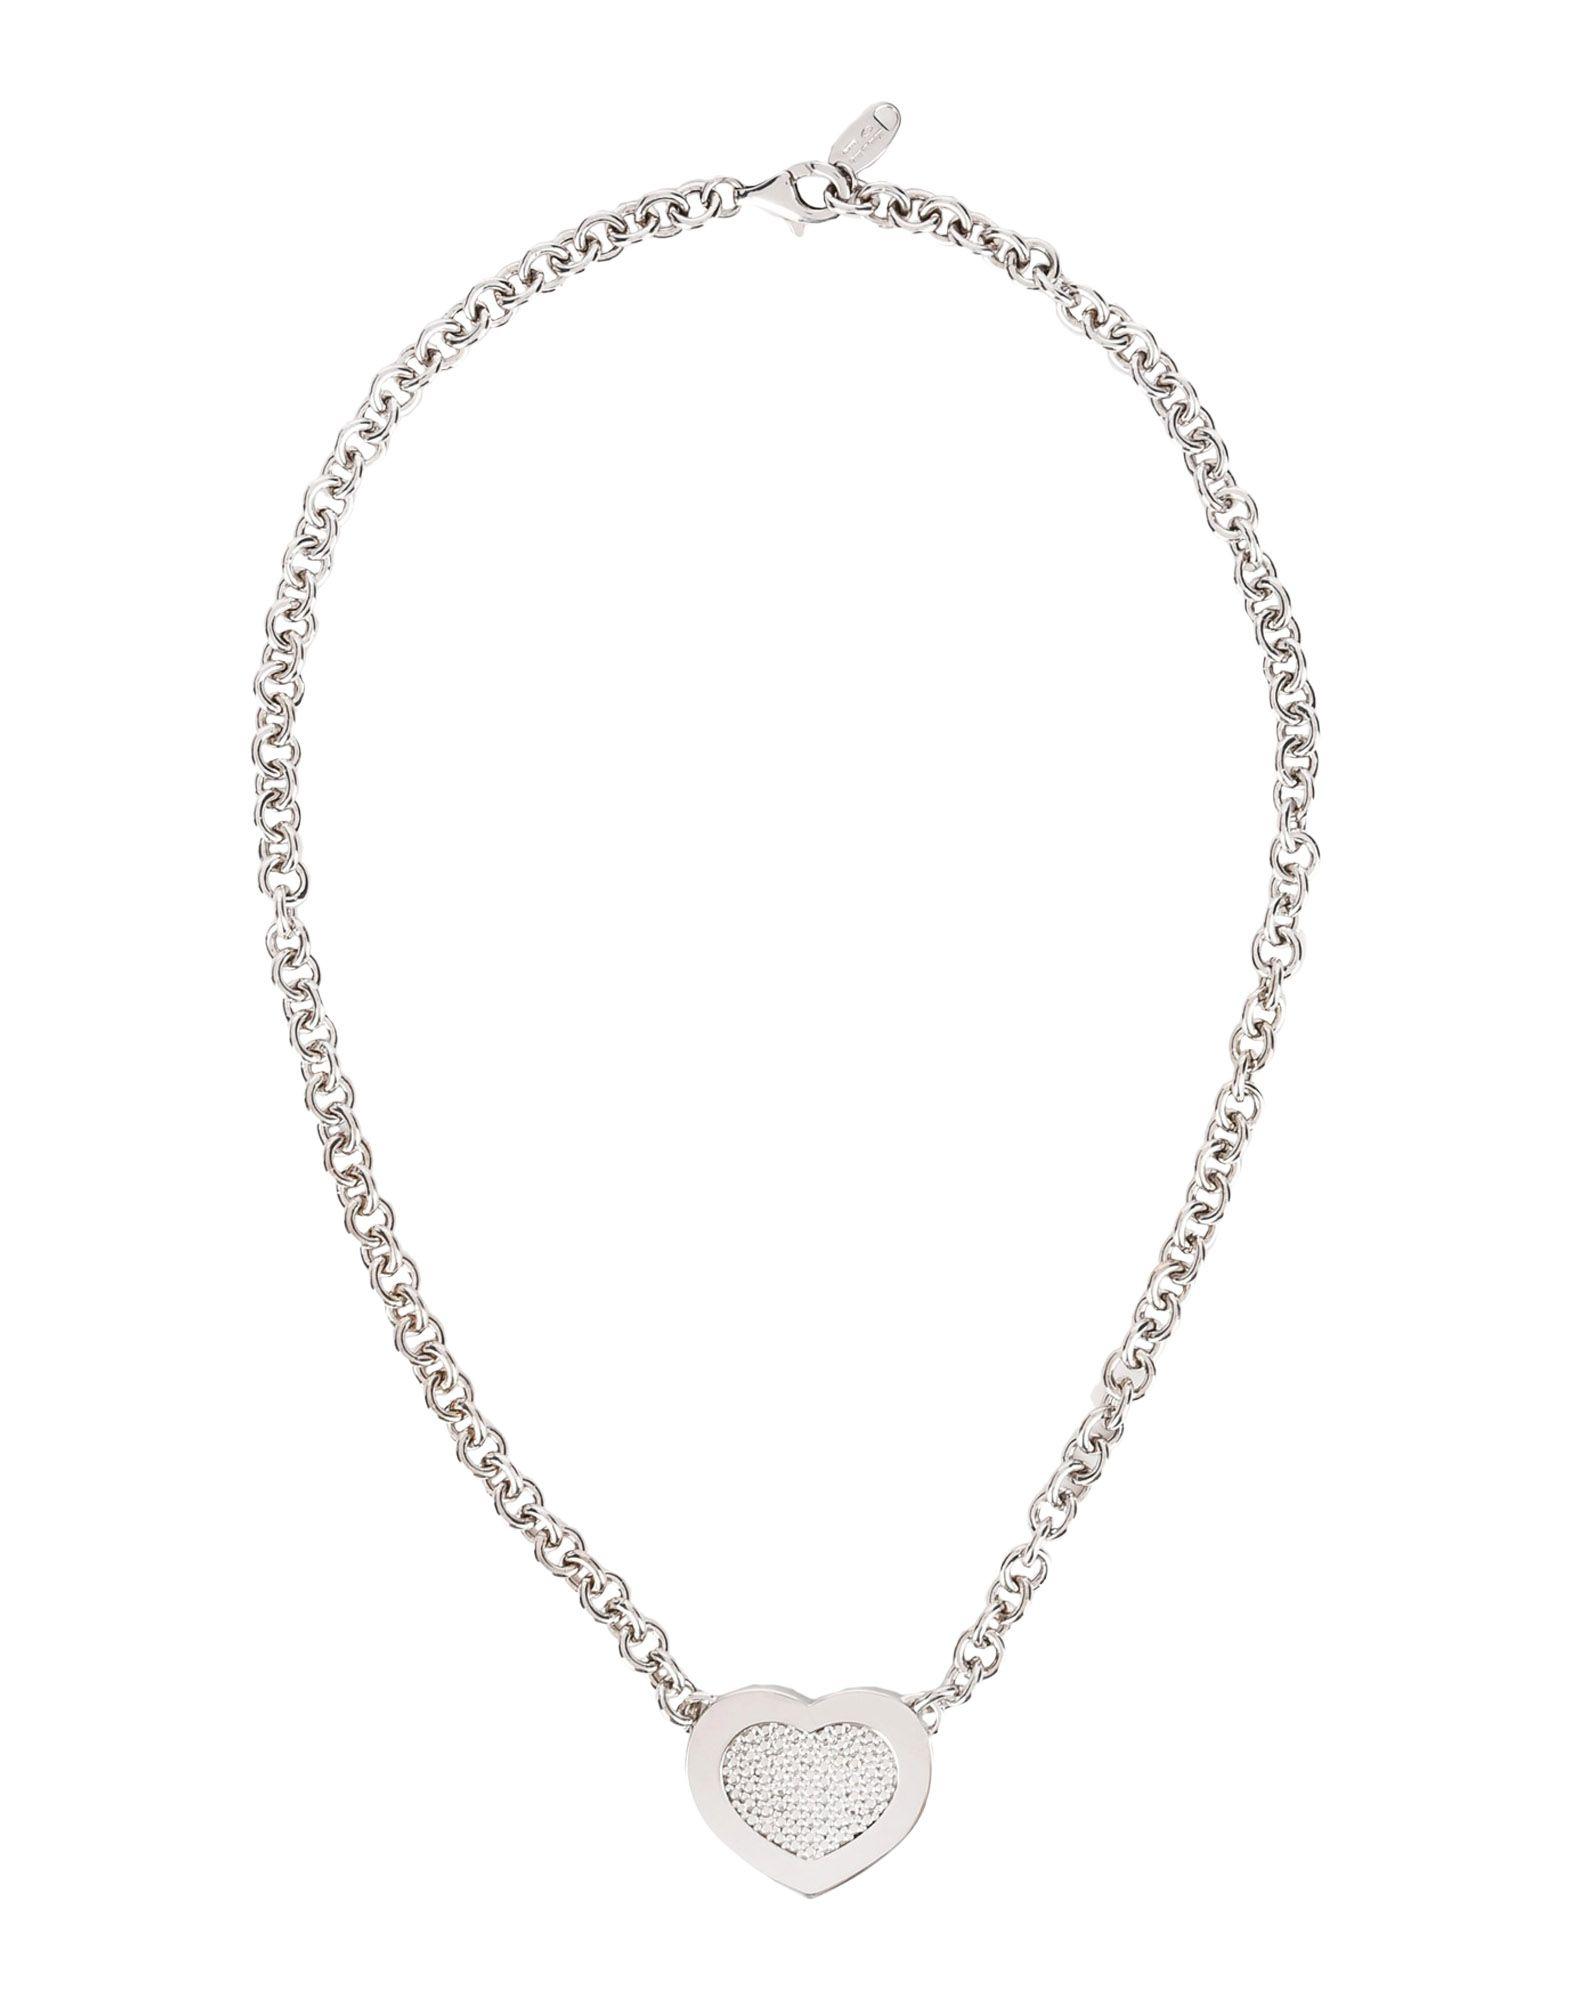 Fendi JEWELRY - Necklaces su YOOX.COM A9Y7g5Yf